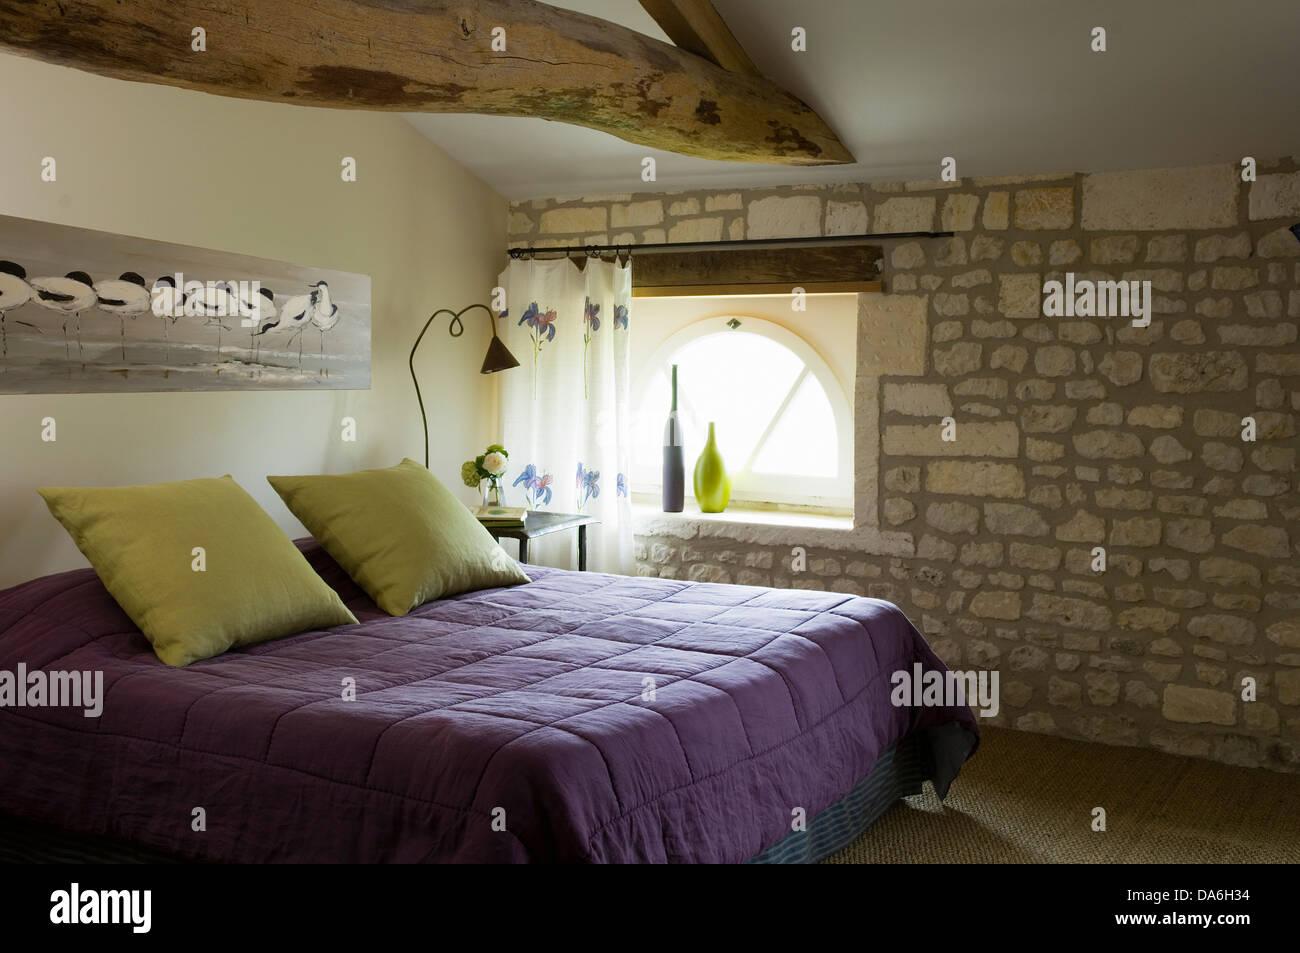 Camera Da Letto Matrimoniale In Francese : Malva e quilt giallo pallido cuscini sul letto matrimoniale nel